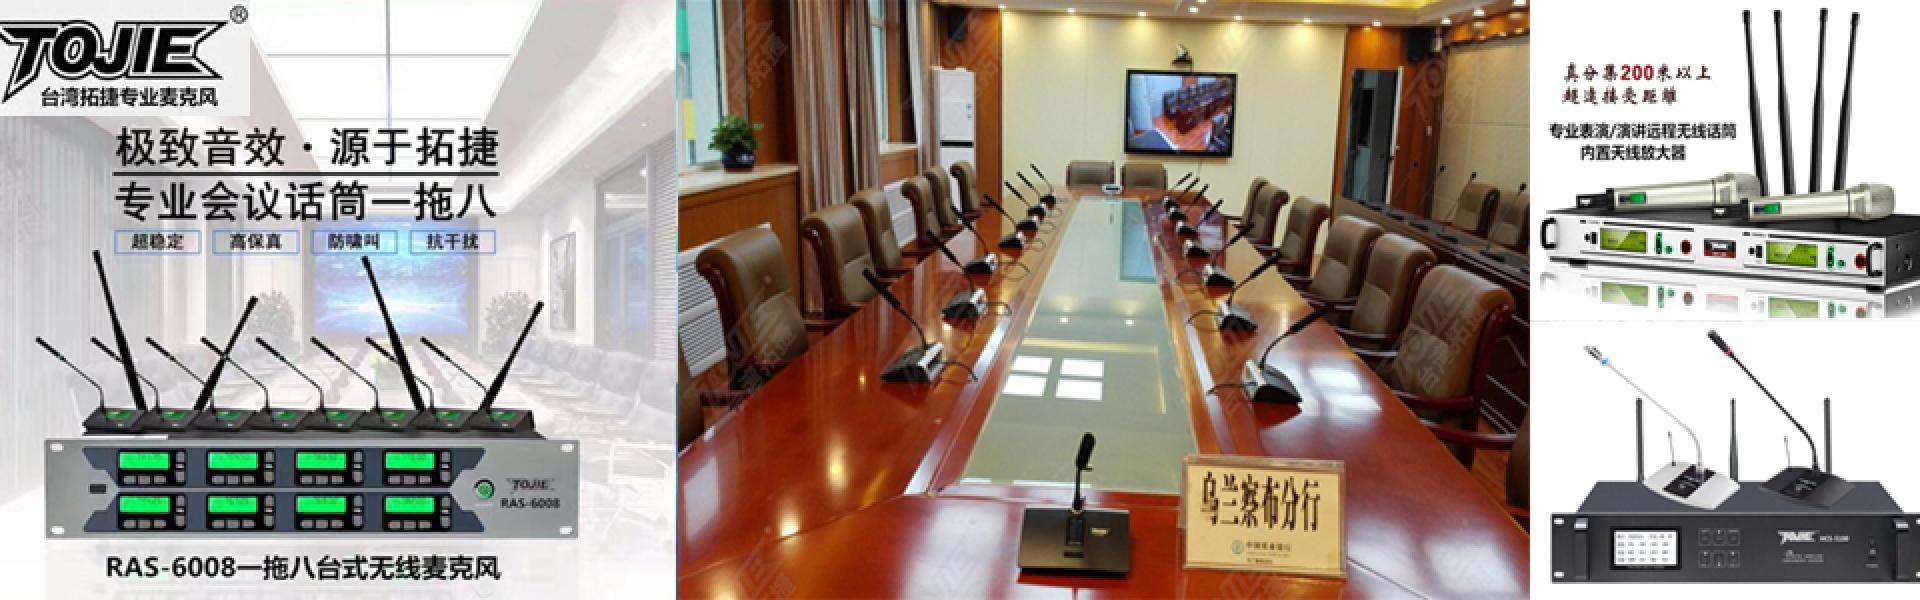 台湾拓捷TOJIE无线麦克风,拓捷TOJIE会议系统,西安台湾拓捷分公司